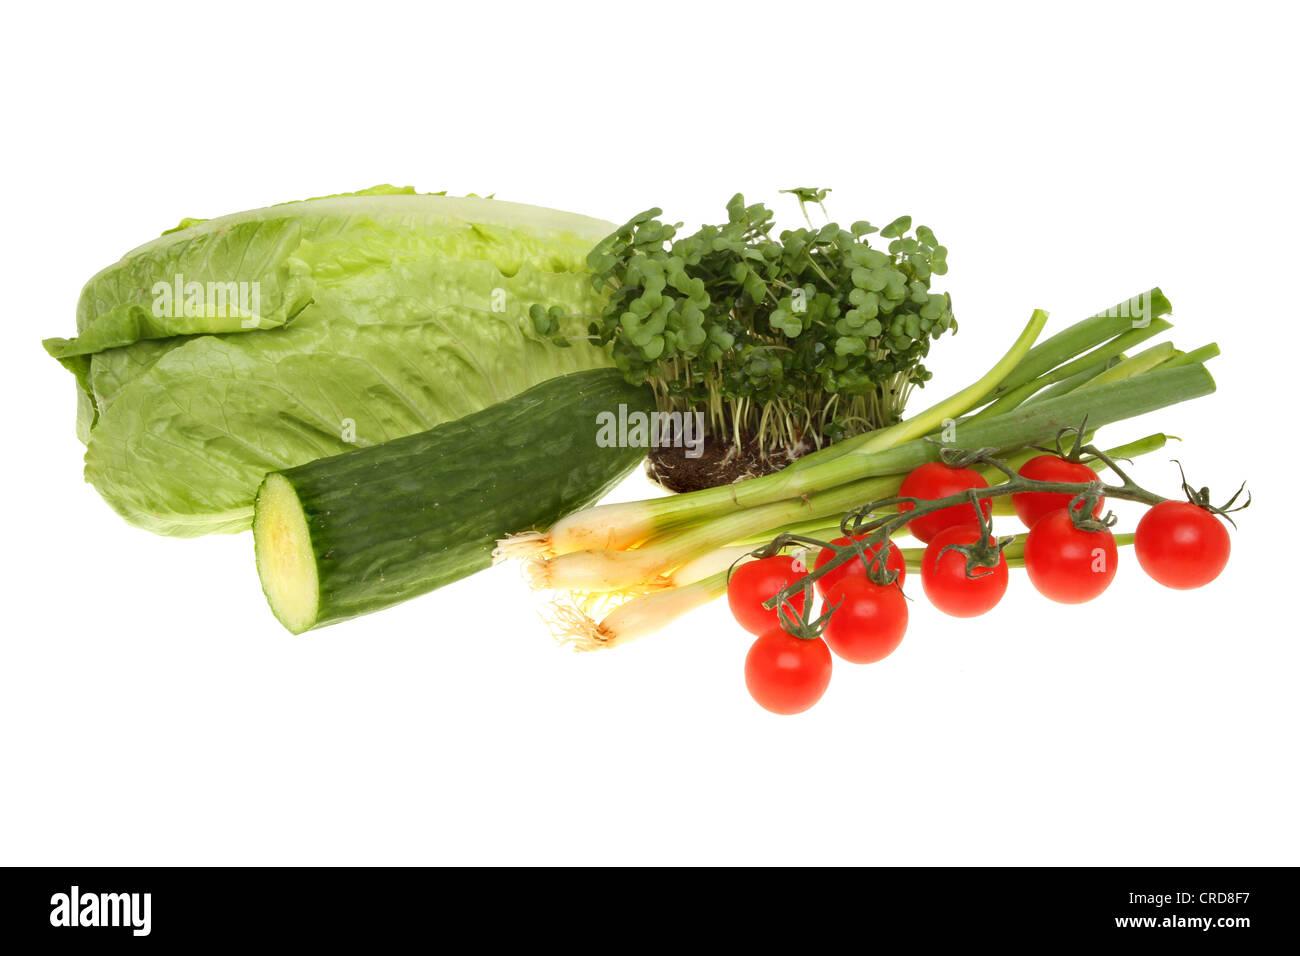 Salatzutaten, Kopfsalat, Kresse, Gurken, Tomaten und Zwiebeln isoliert gegen weiß Stockbild